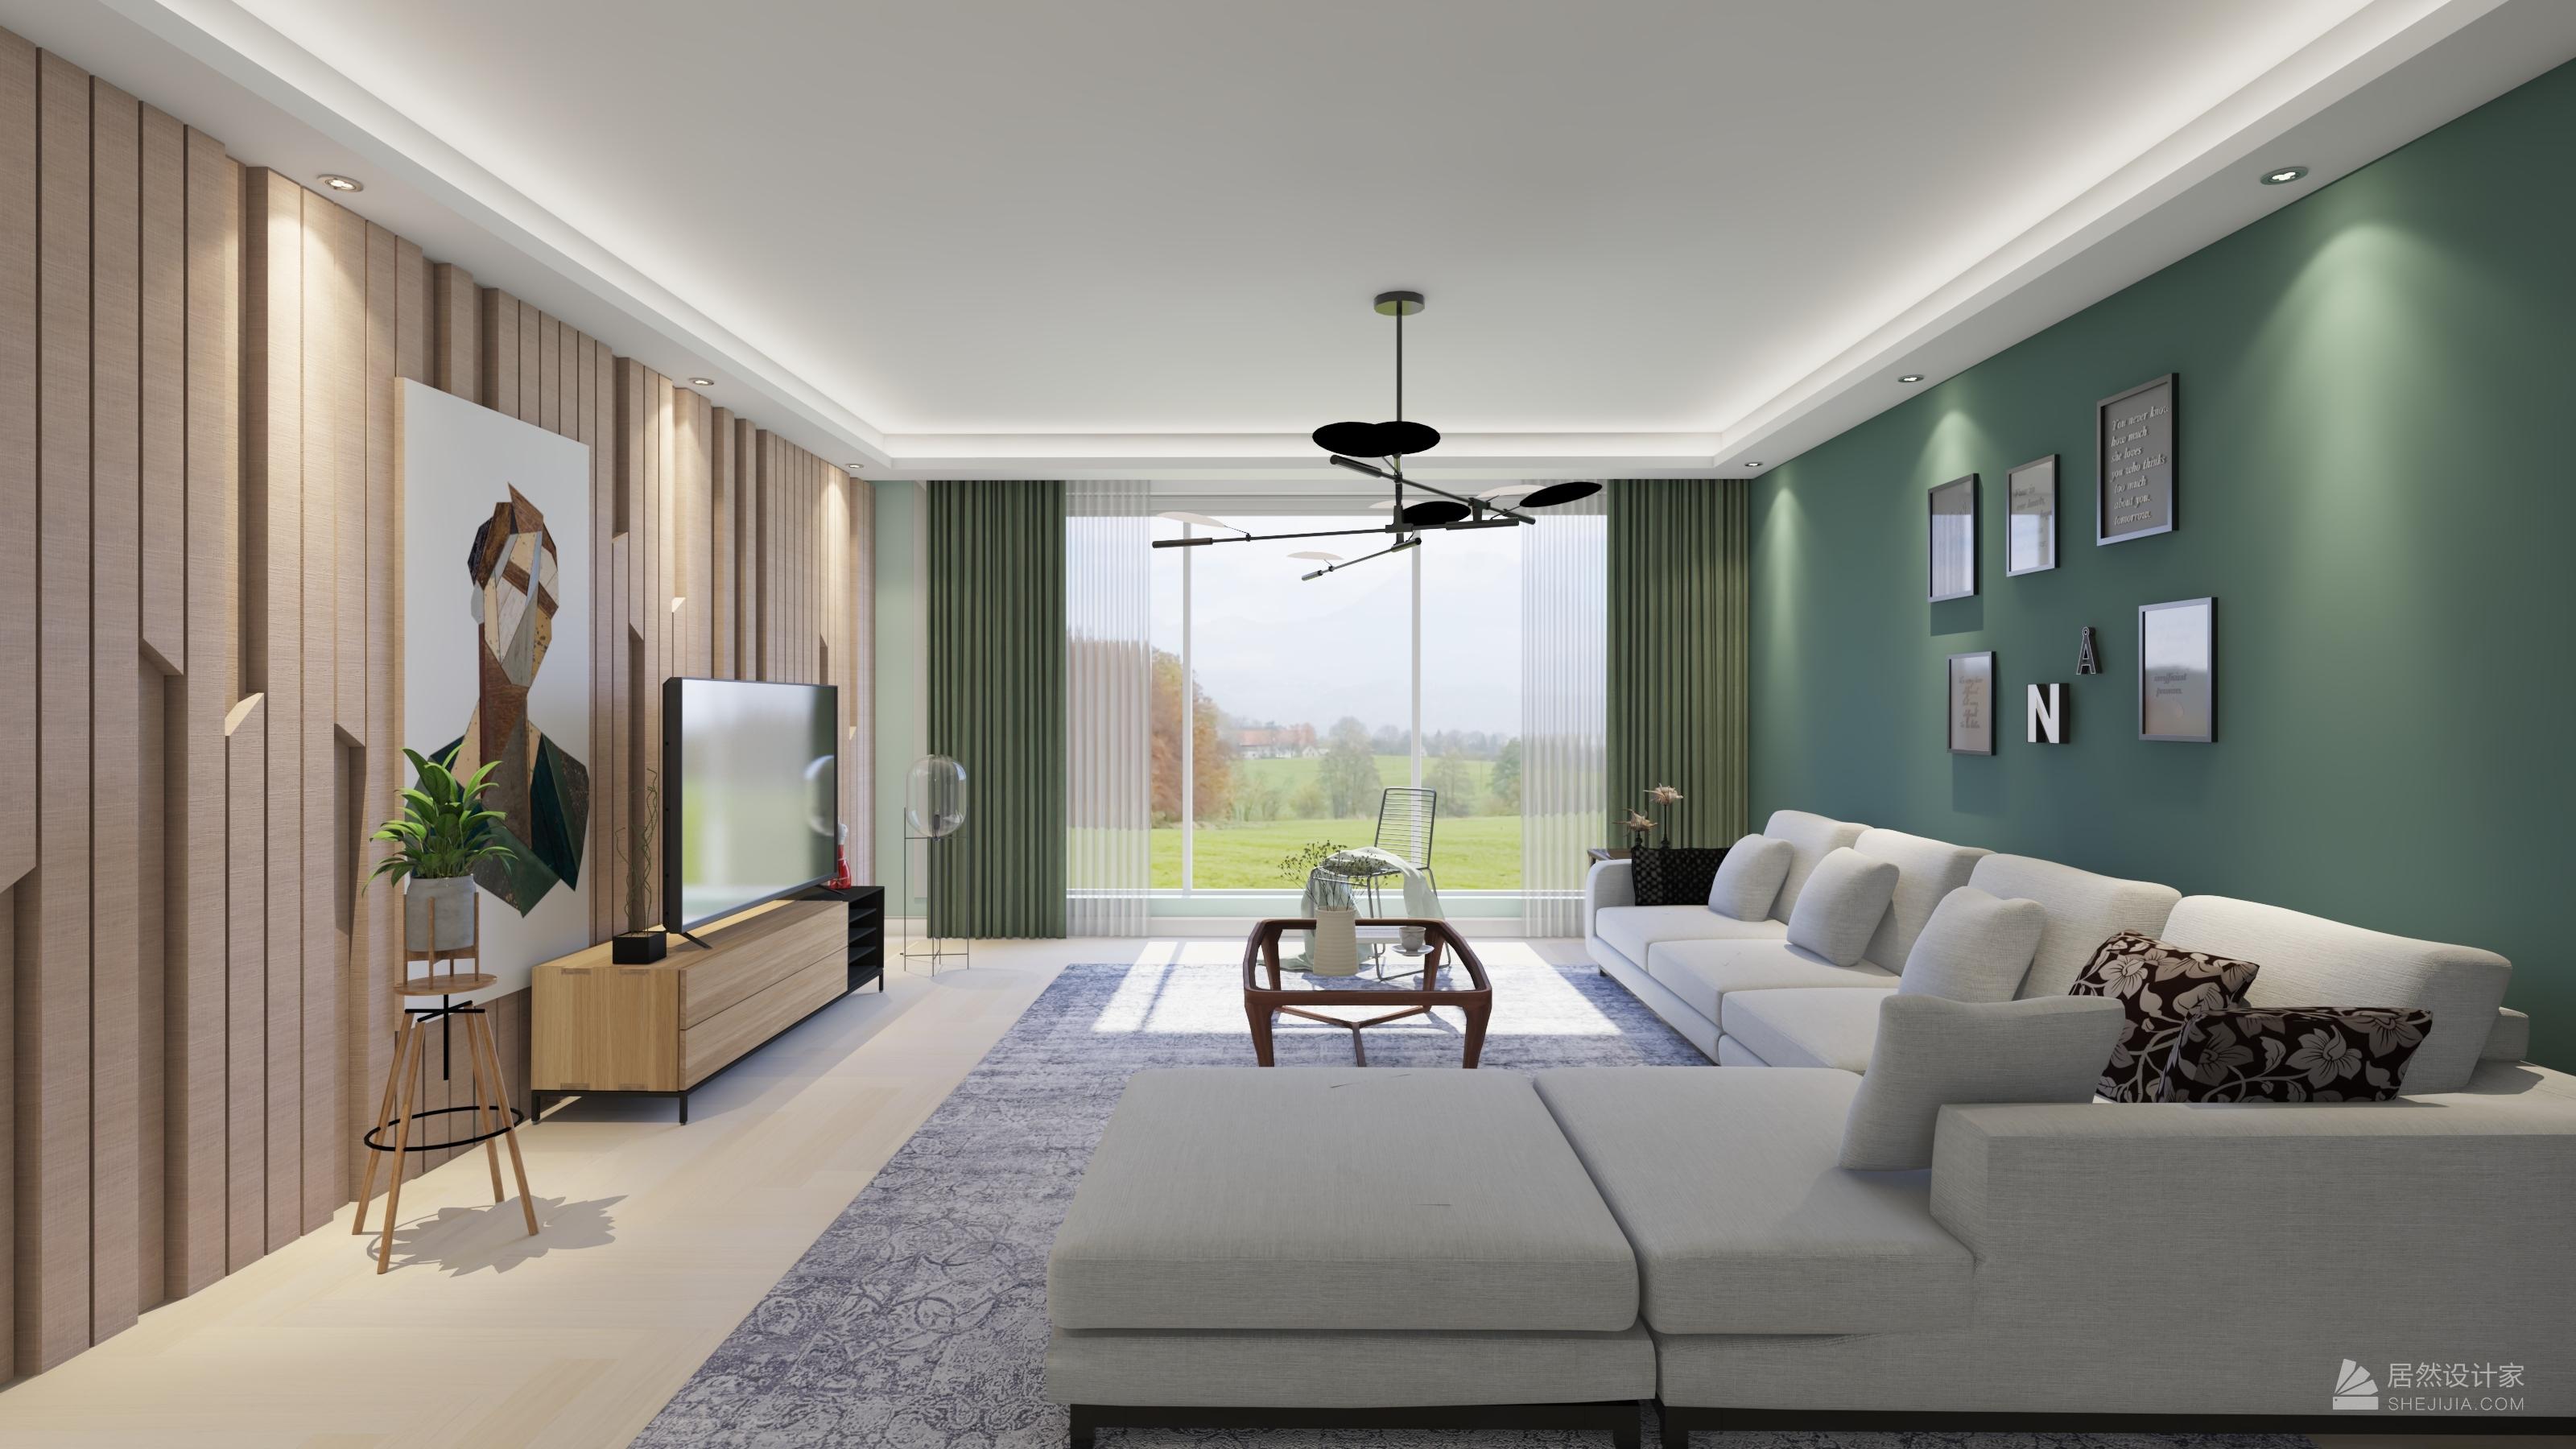 棲居-居然設計家-室內設計_家裝設計師案例_室內裝修